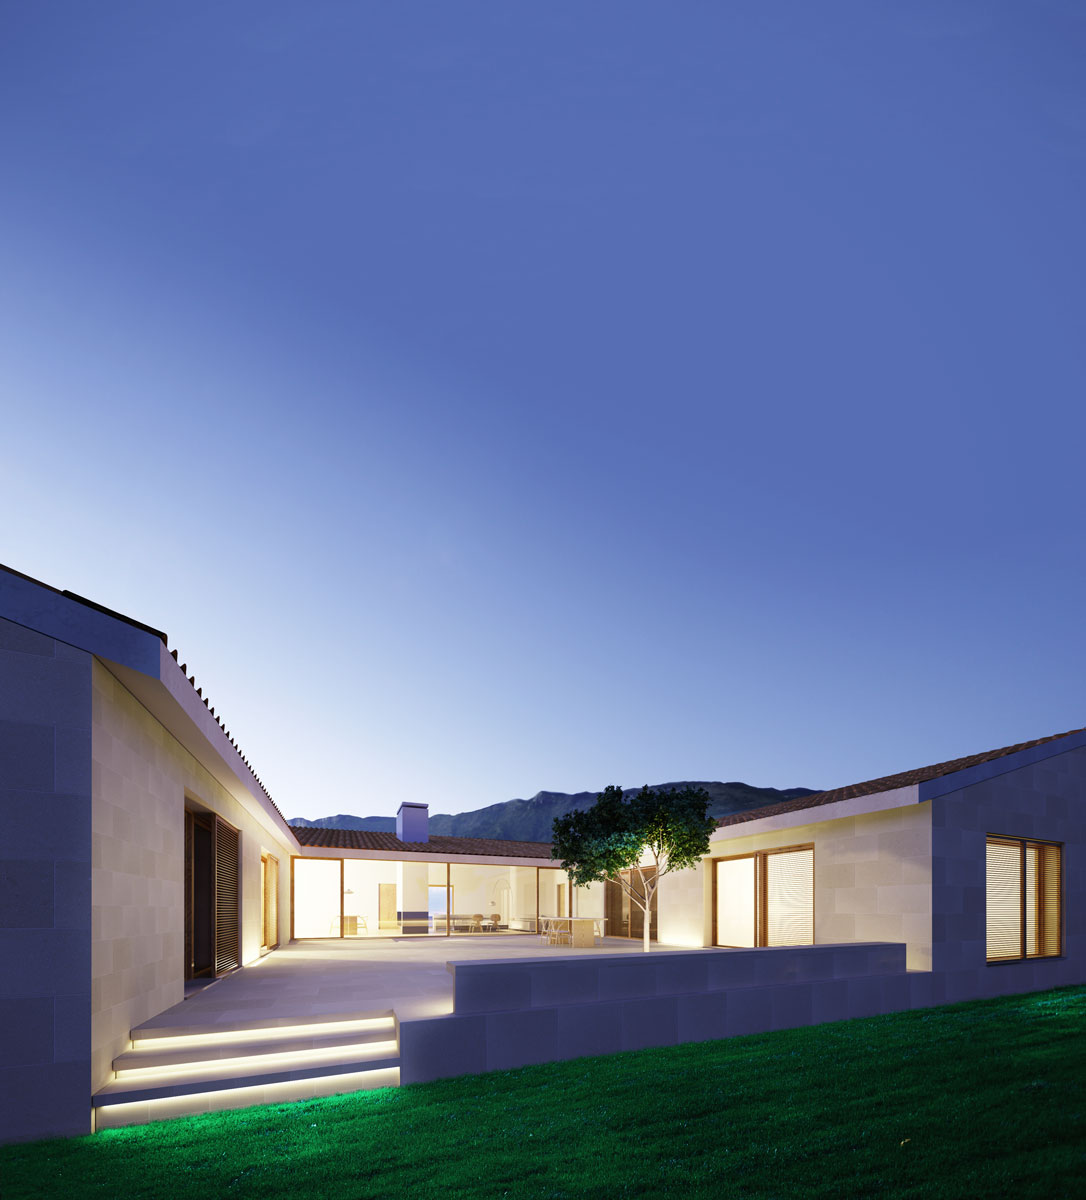 Casa BO - Residenza unifamiliare | Interior design